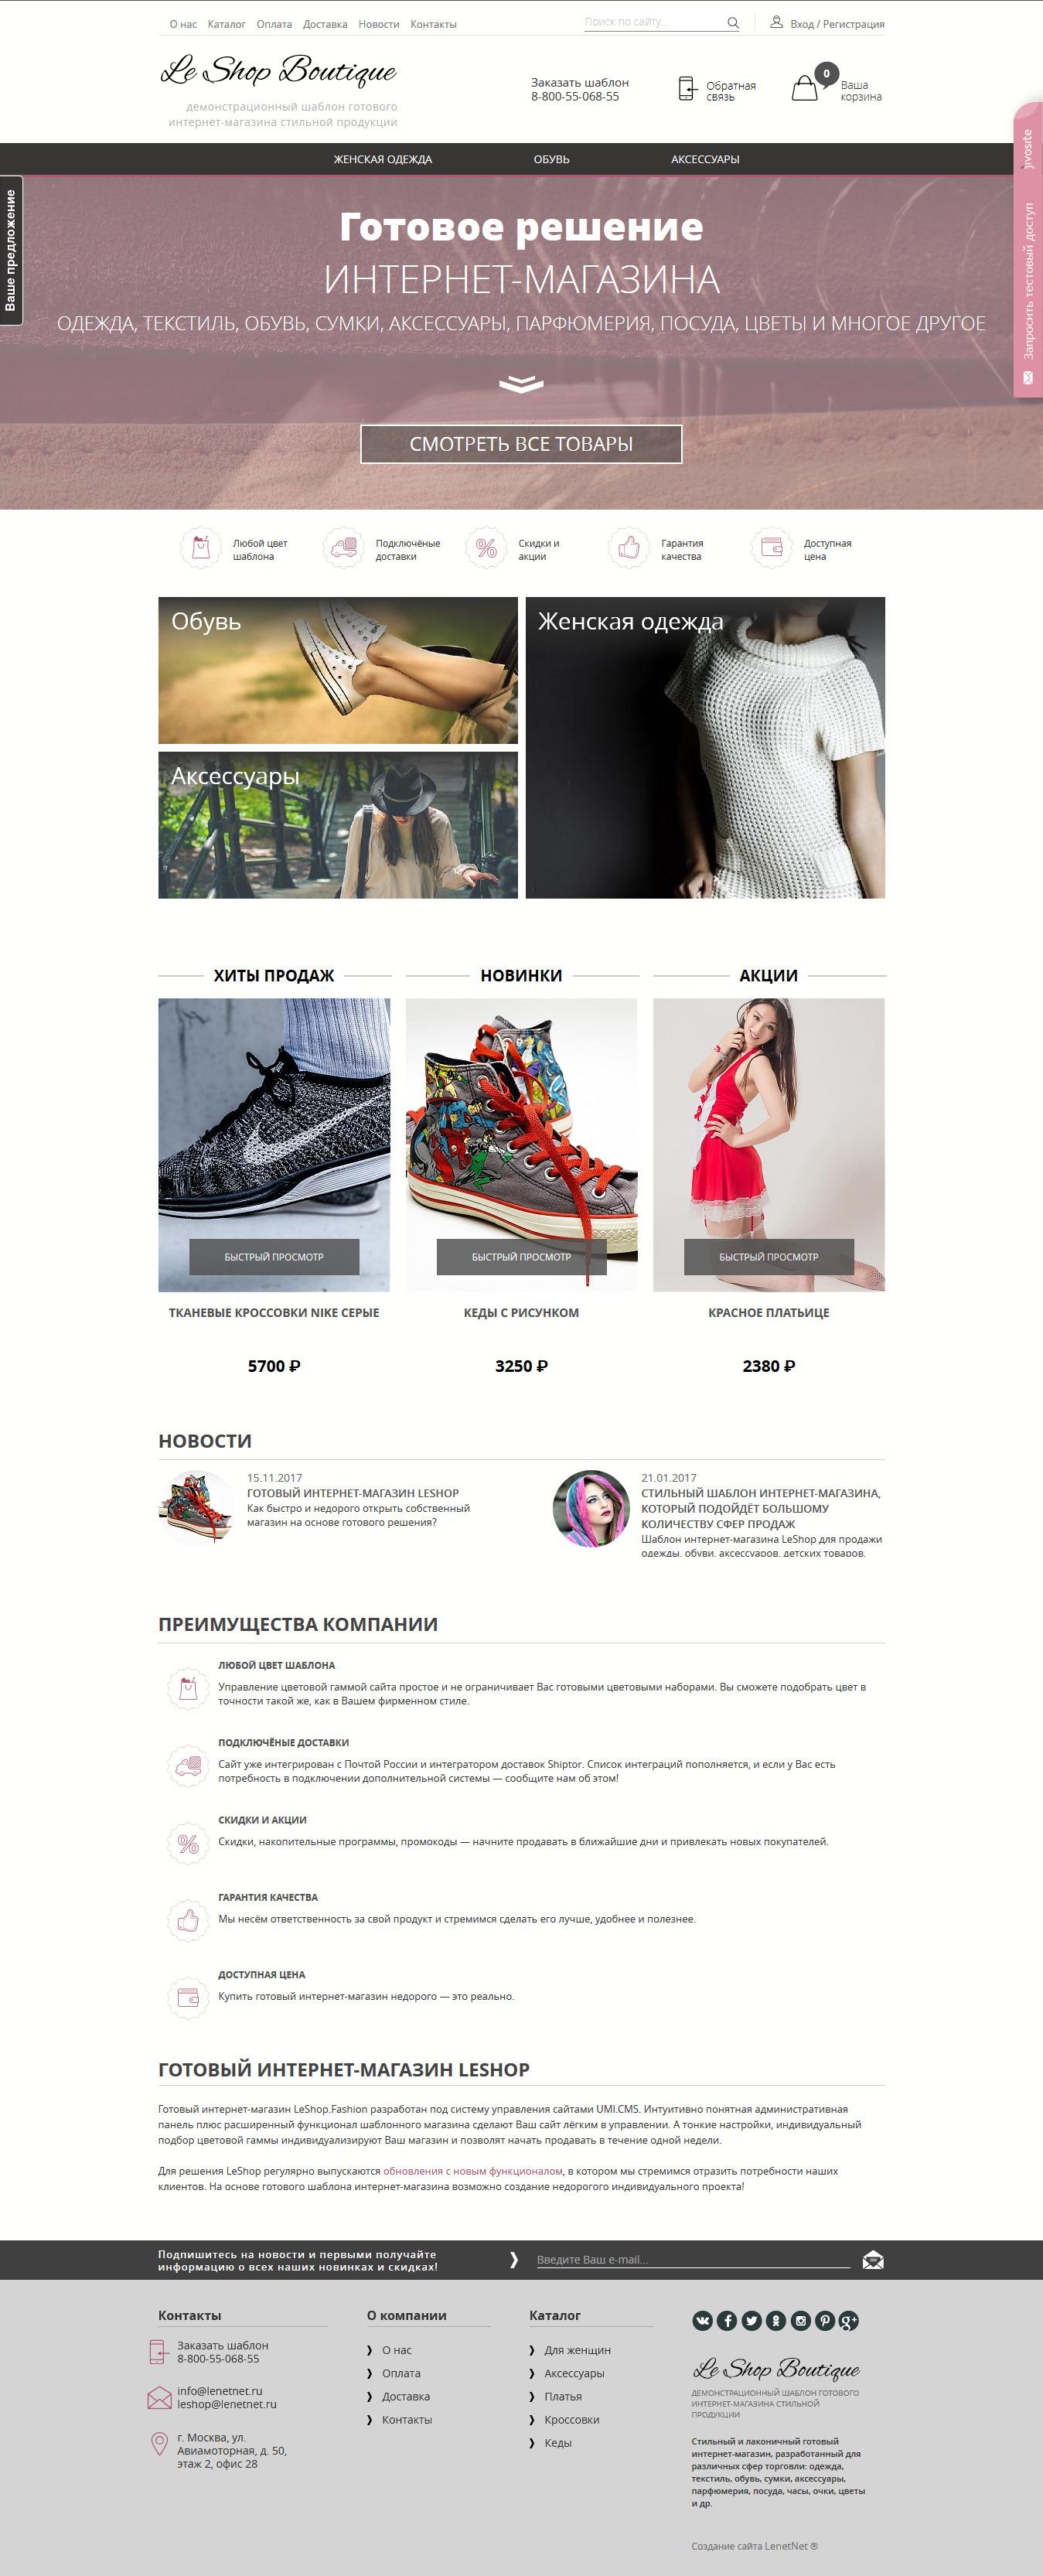 8a4e3252fc22 Fashion Готовое решение  Адаптивный интернет-магазин LeShop.